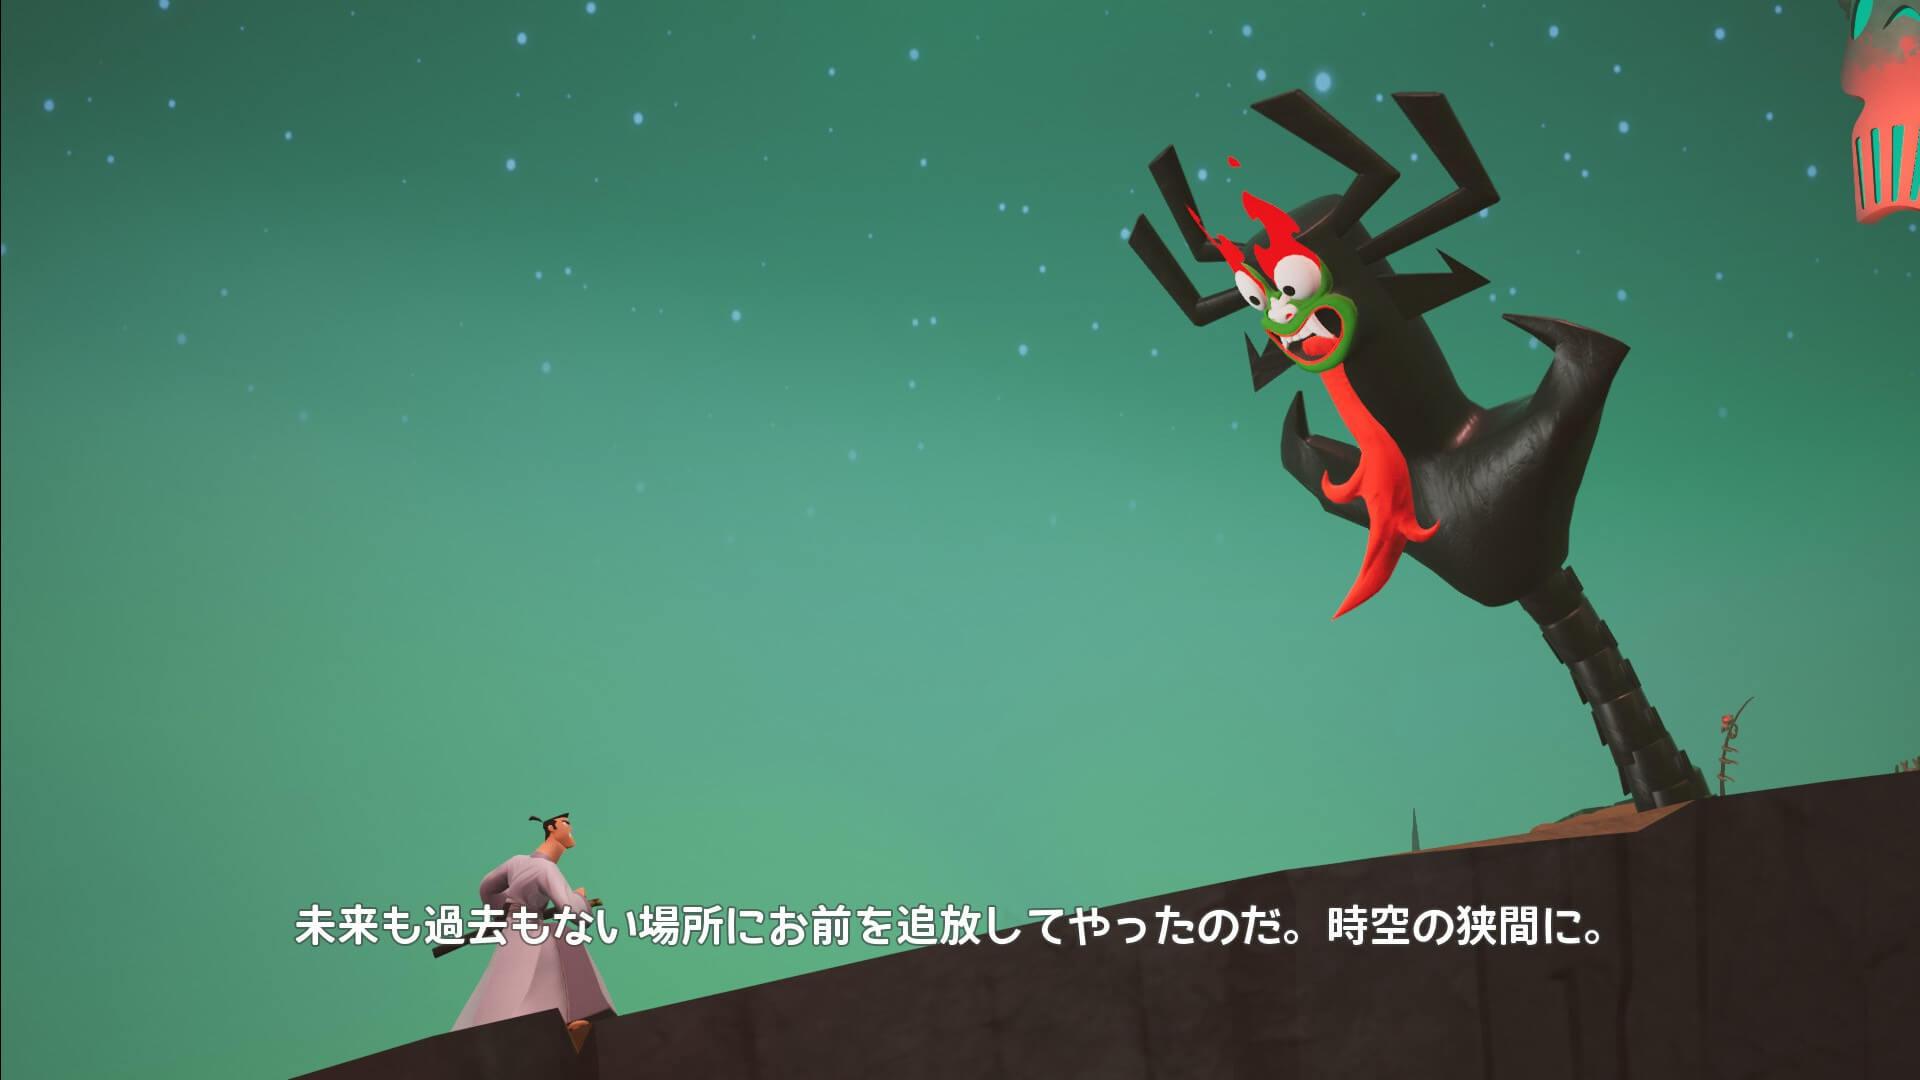 アクションRPG『サムライジャック:時空の戦い』Nintendo Switchダウンロード版の予約受付が開始!アニメ『サムライ ジャック』も特別放送決定 tech201217_samuraijack_zikunotatakai_2